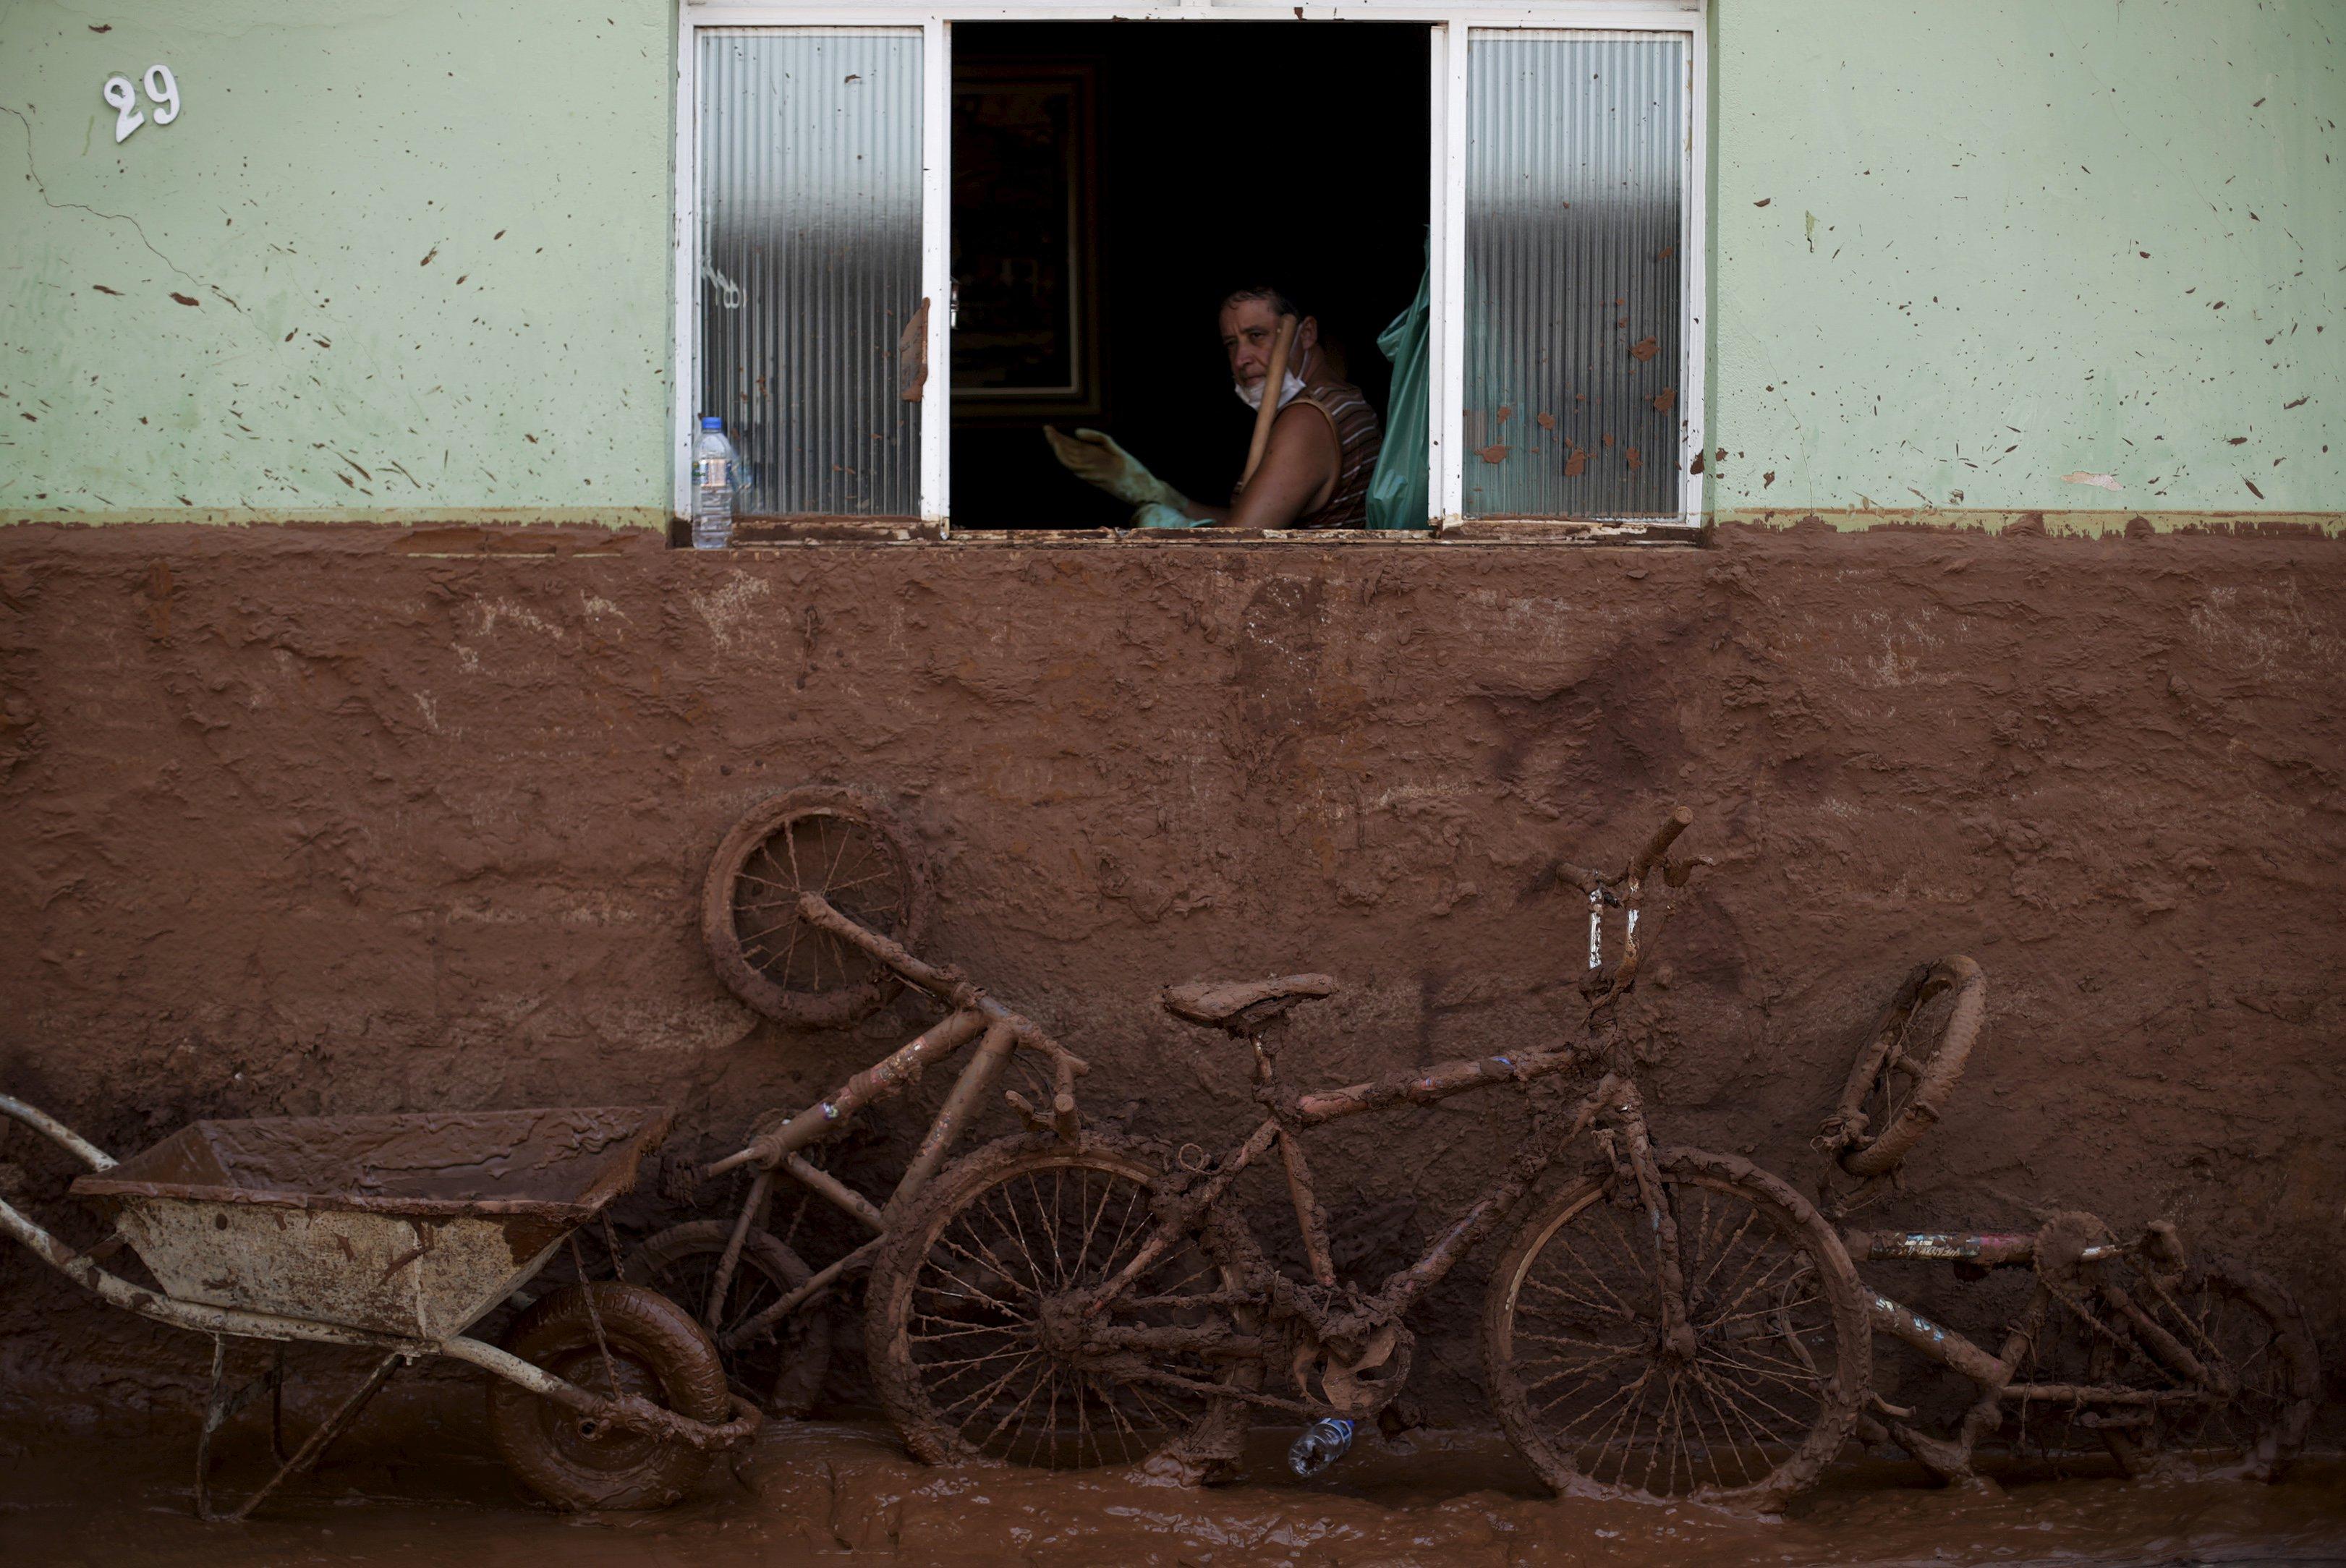 Seorang pria membersihkan rumah yang dibanjiri lumpur setelah bendungan yang dimiliki oleh Vale SA dan BHP Biliton Ltd hancur, di Barra Longa, Brazil, Sabtu (7/11). Jumlah korban dari dua bendungan di tambang Brazil akan meningkat di hari mendatang, menurut walikota pada hari Sabtu, saat 10 warga dari desa terdekat masih hilang selain 13 penambang. Hingga saat ini satu pekerja dikonfirmasi tewas dalam bencana yang dideskripsikan oleh gubernur Minas Gerais sebagai bencana lingkungan terparah di negeri itu. REUTERS/Ricardo Moraes.